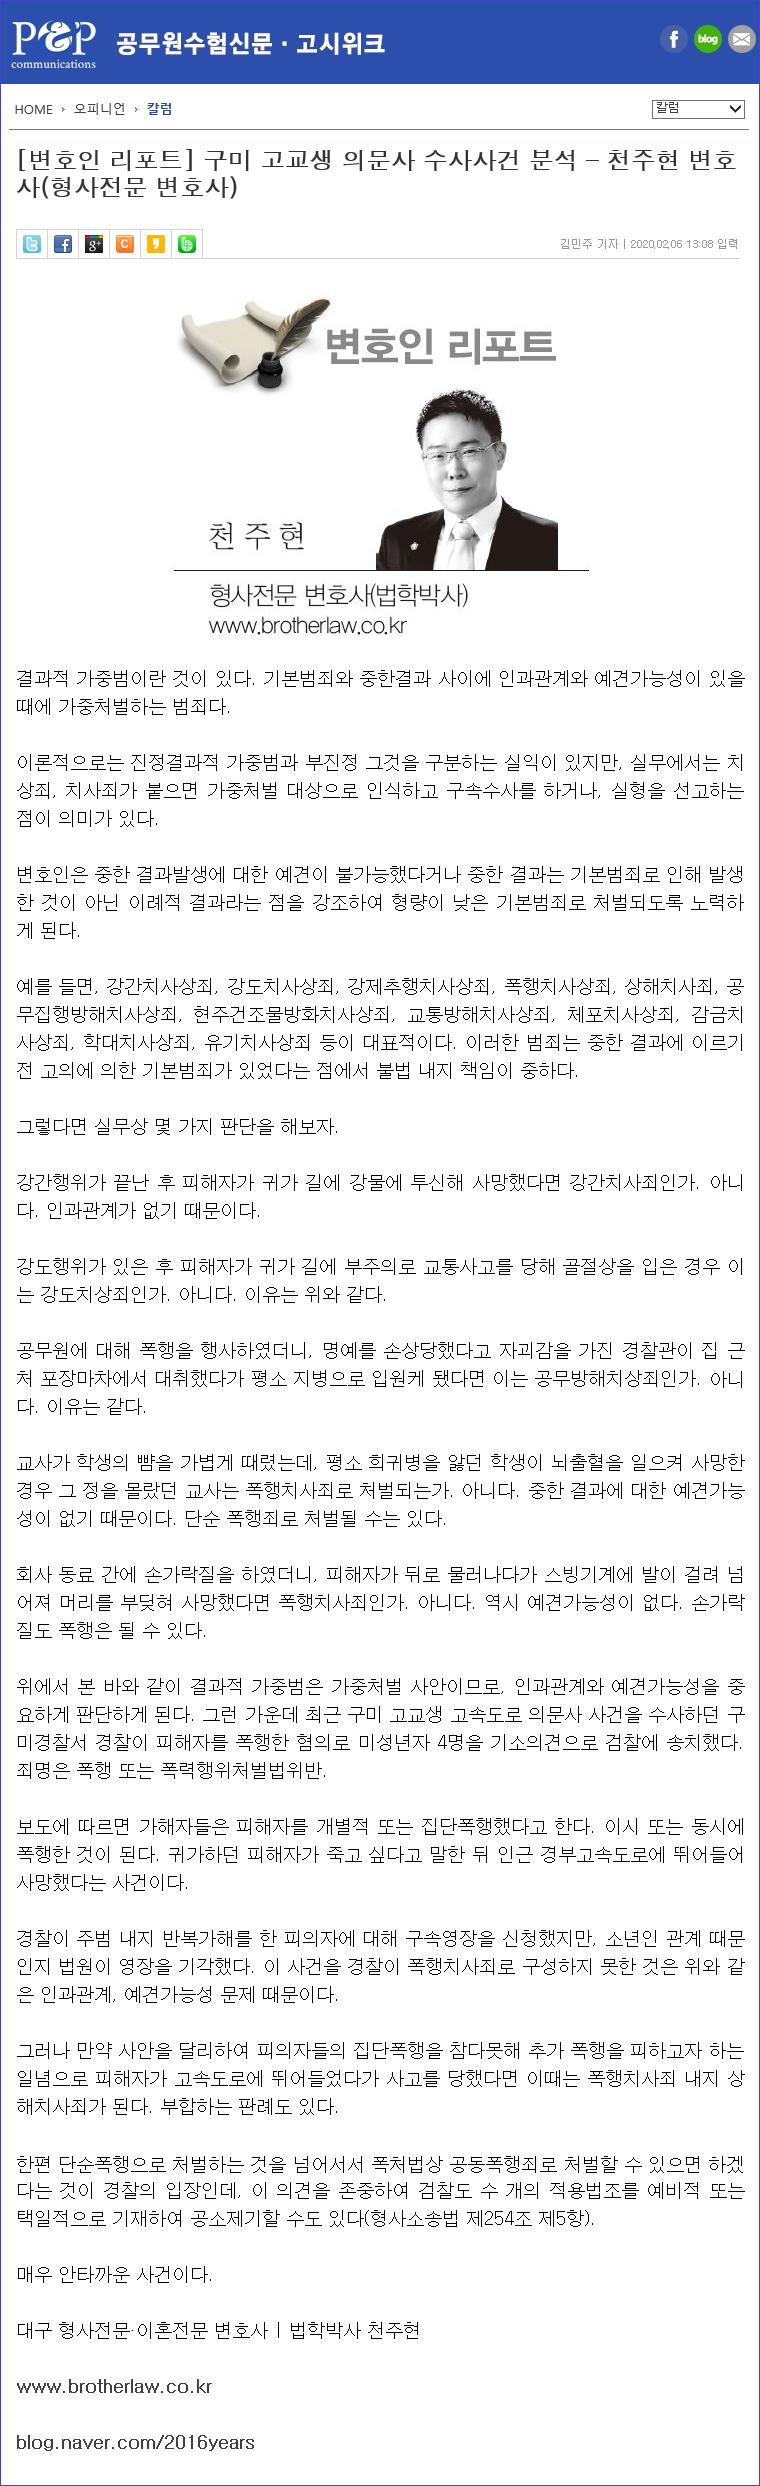 200206-변호인 리포트(구미 고교생 의문사 수사사건 분석)-블로그용.png